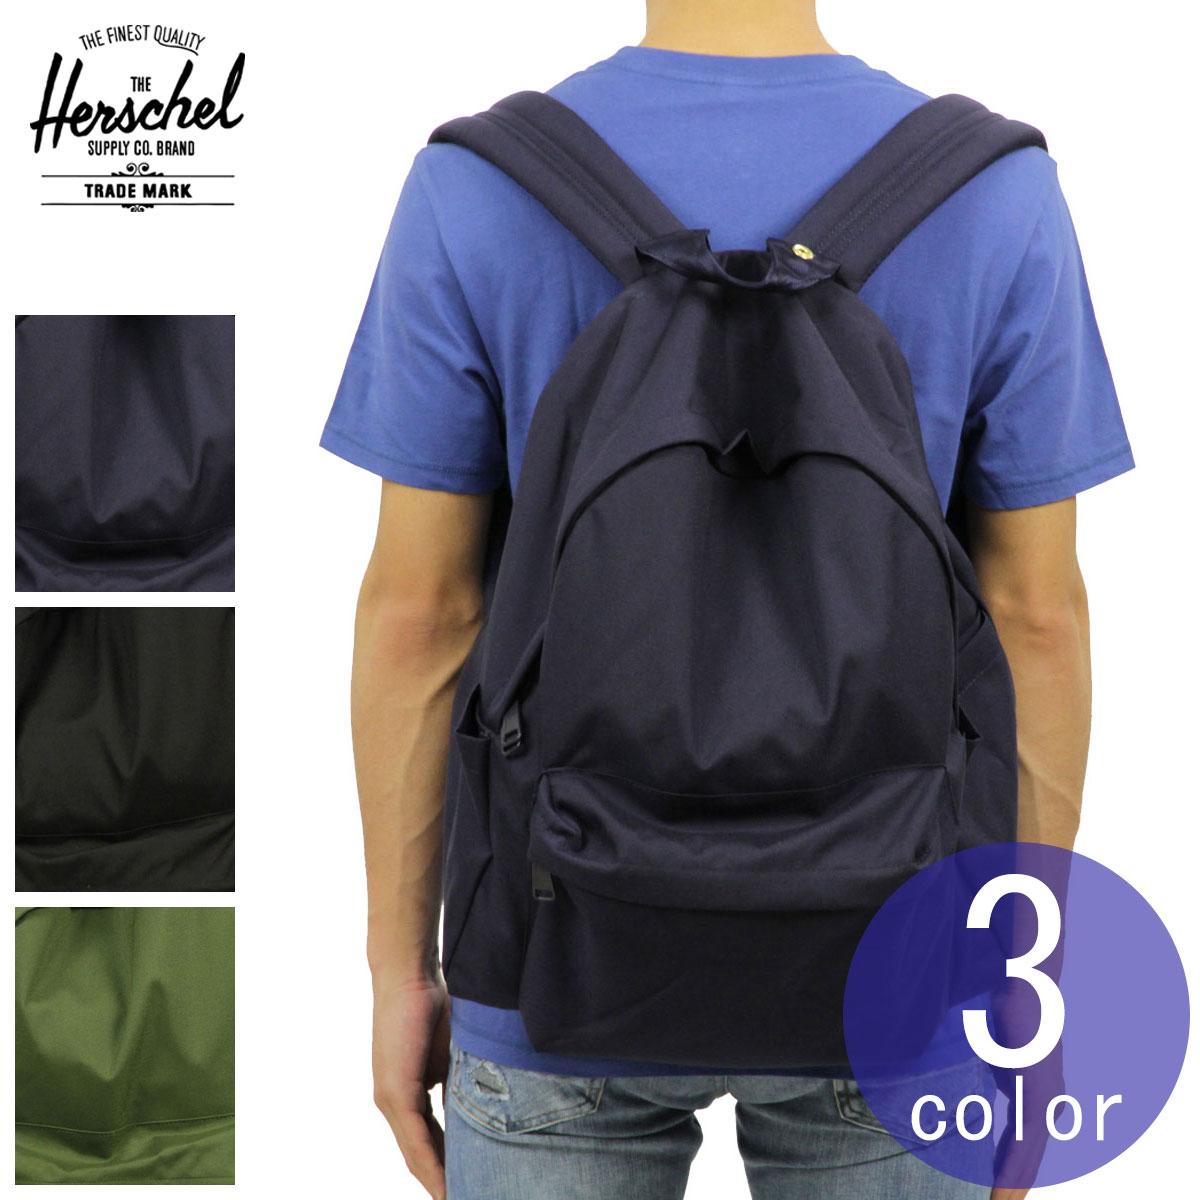 Hershel backpack regular store Herschel Supply Hershel Sarah ply rucksack  bag H-442 BACKPACK BHW 10416-OS